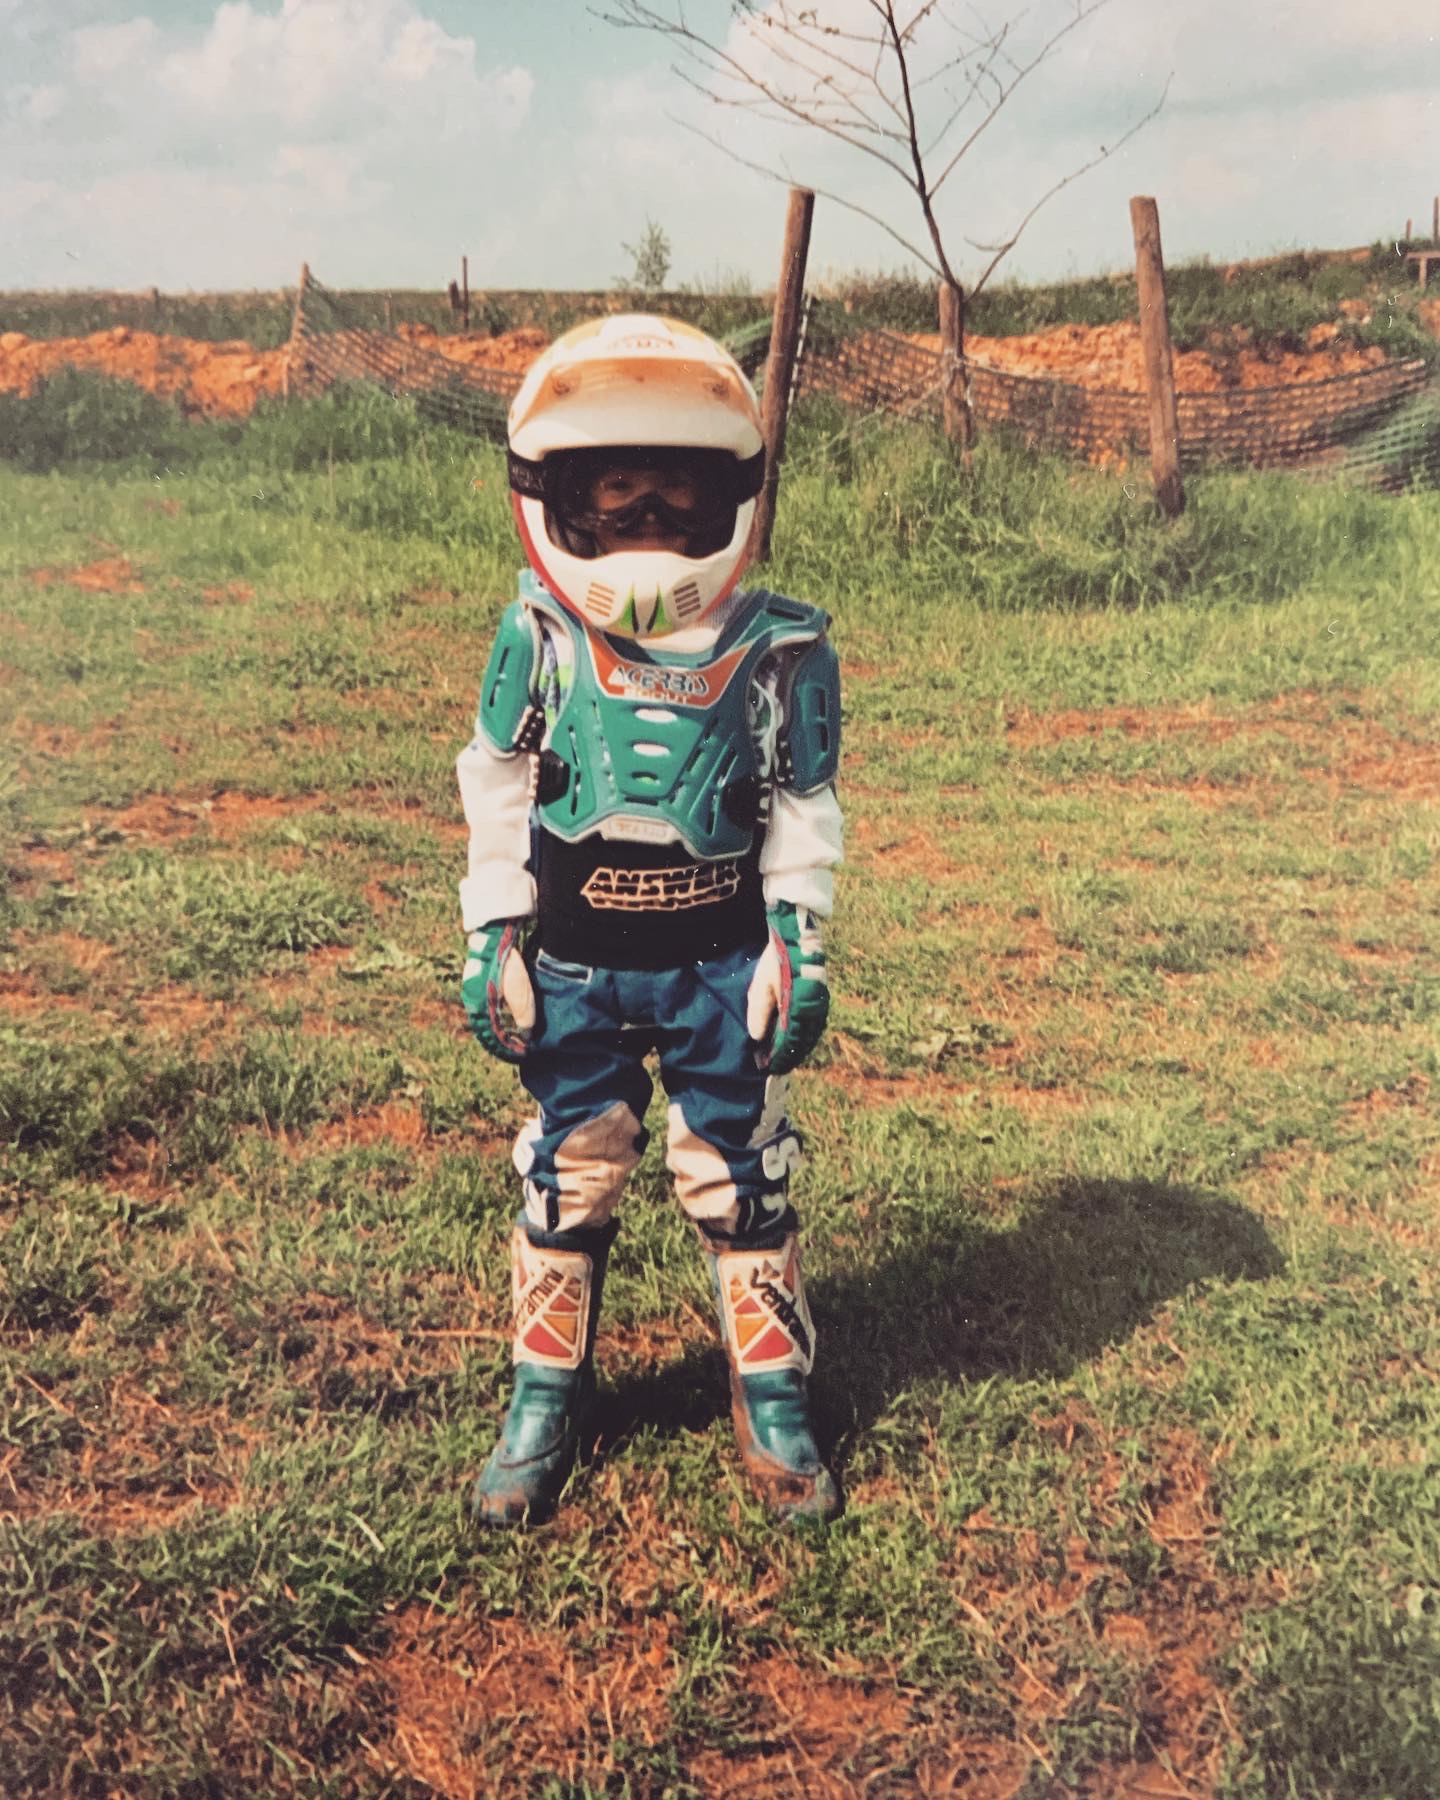 Schon sehr früh entdeckte Kim die Leidenschaft für Motocross.